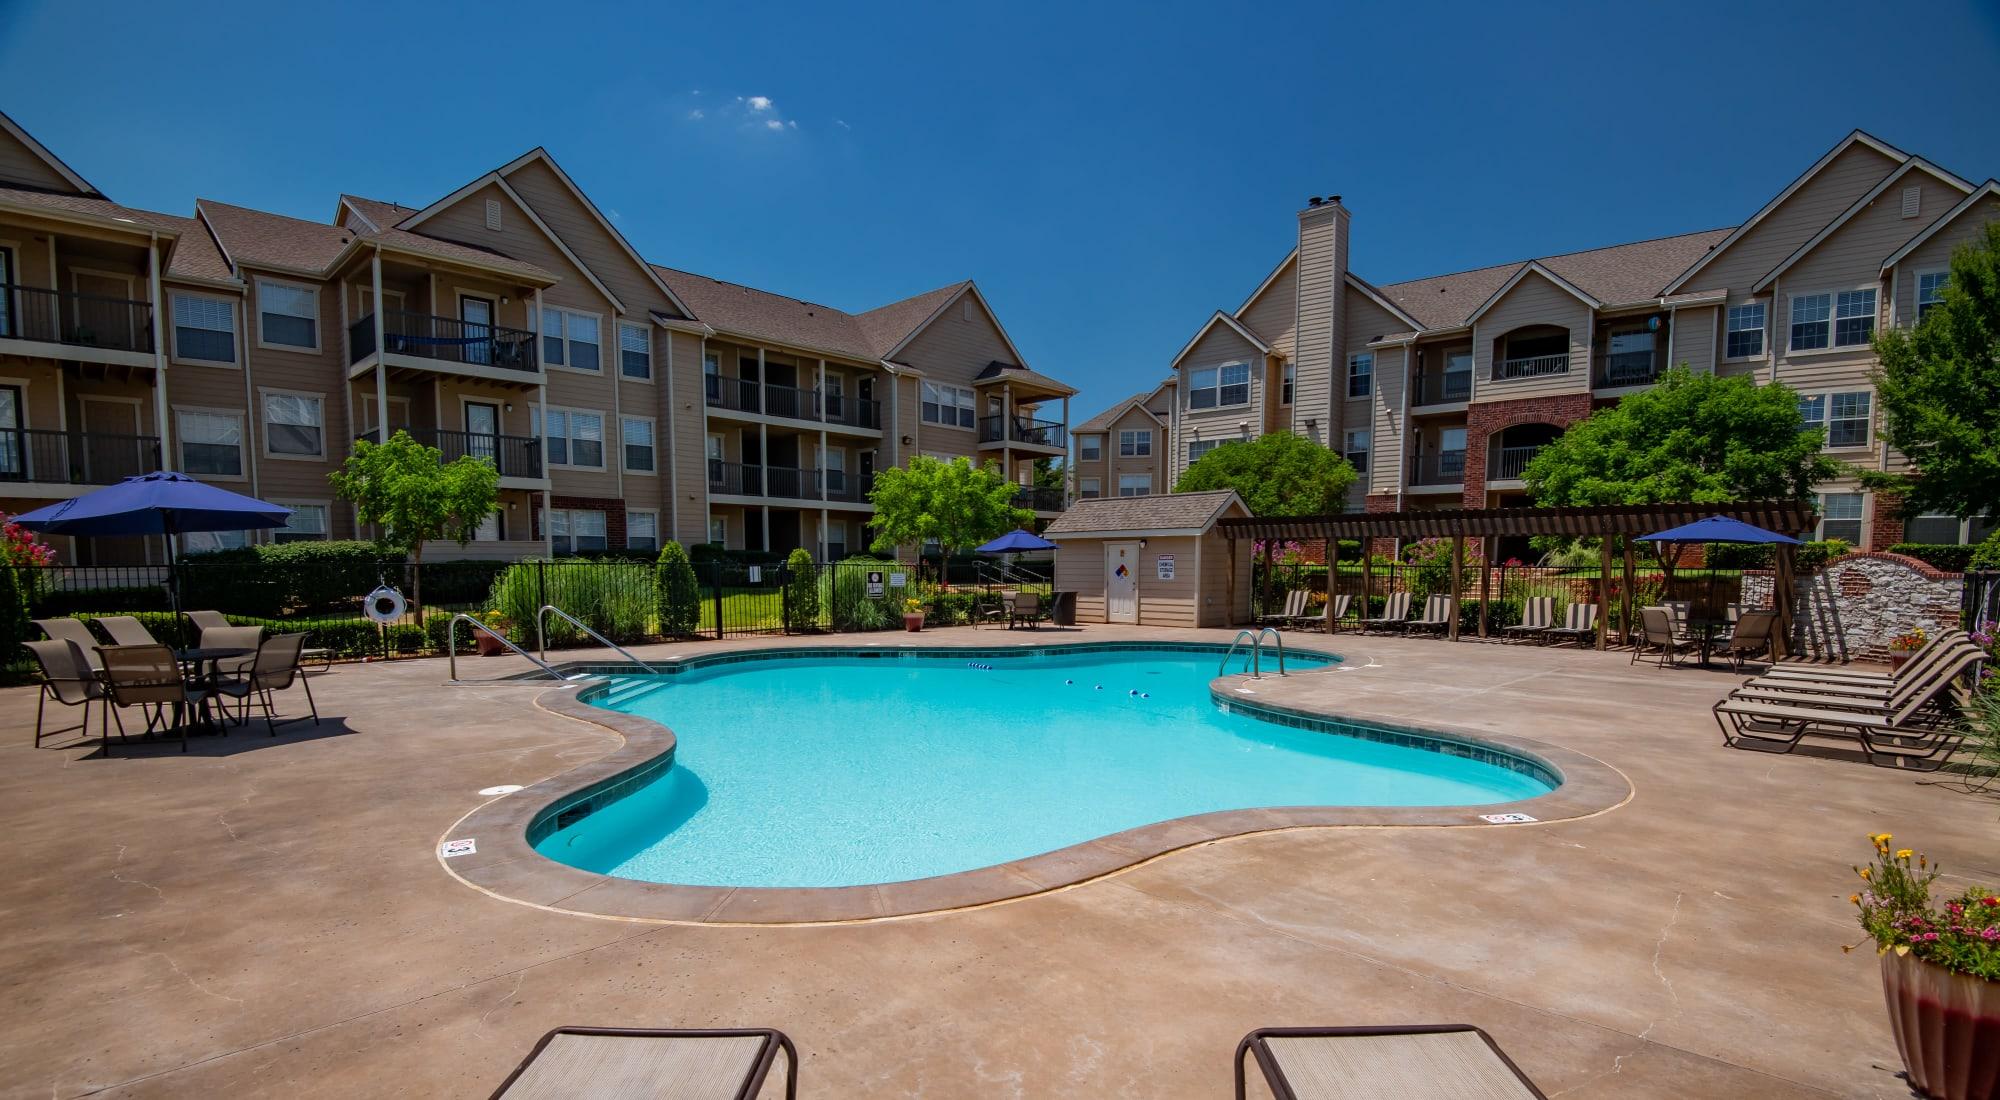 Fountain Lake in Edmond, Oklahoma